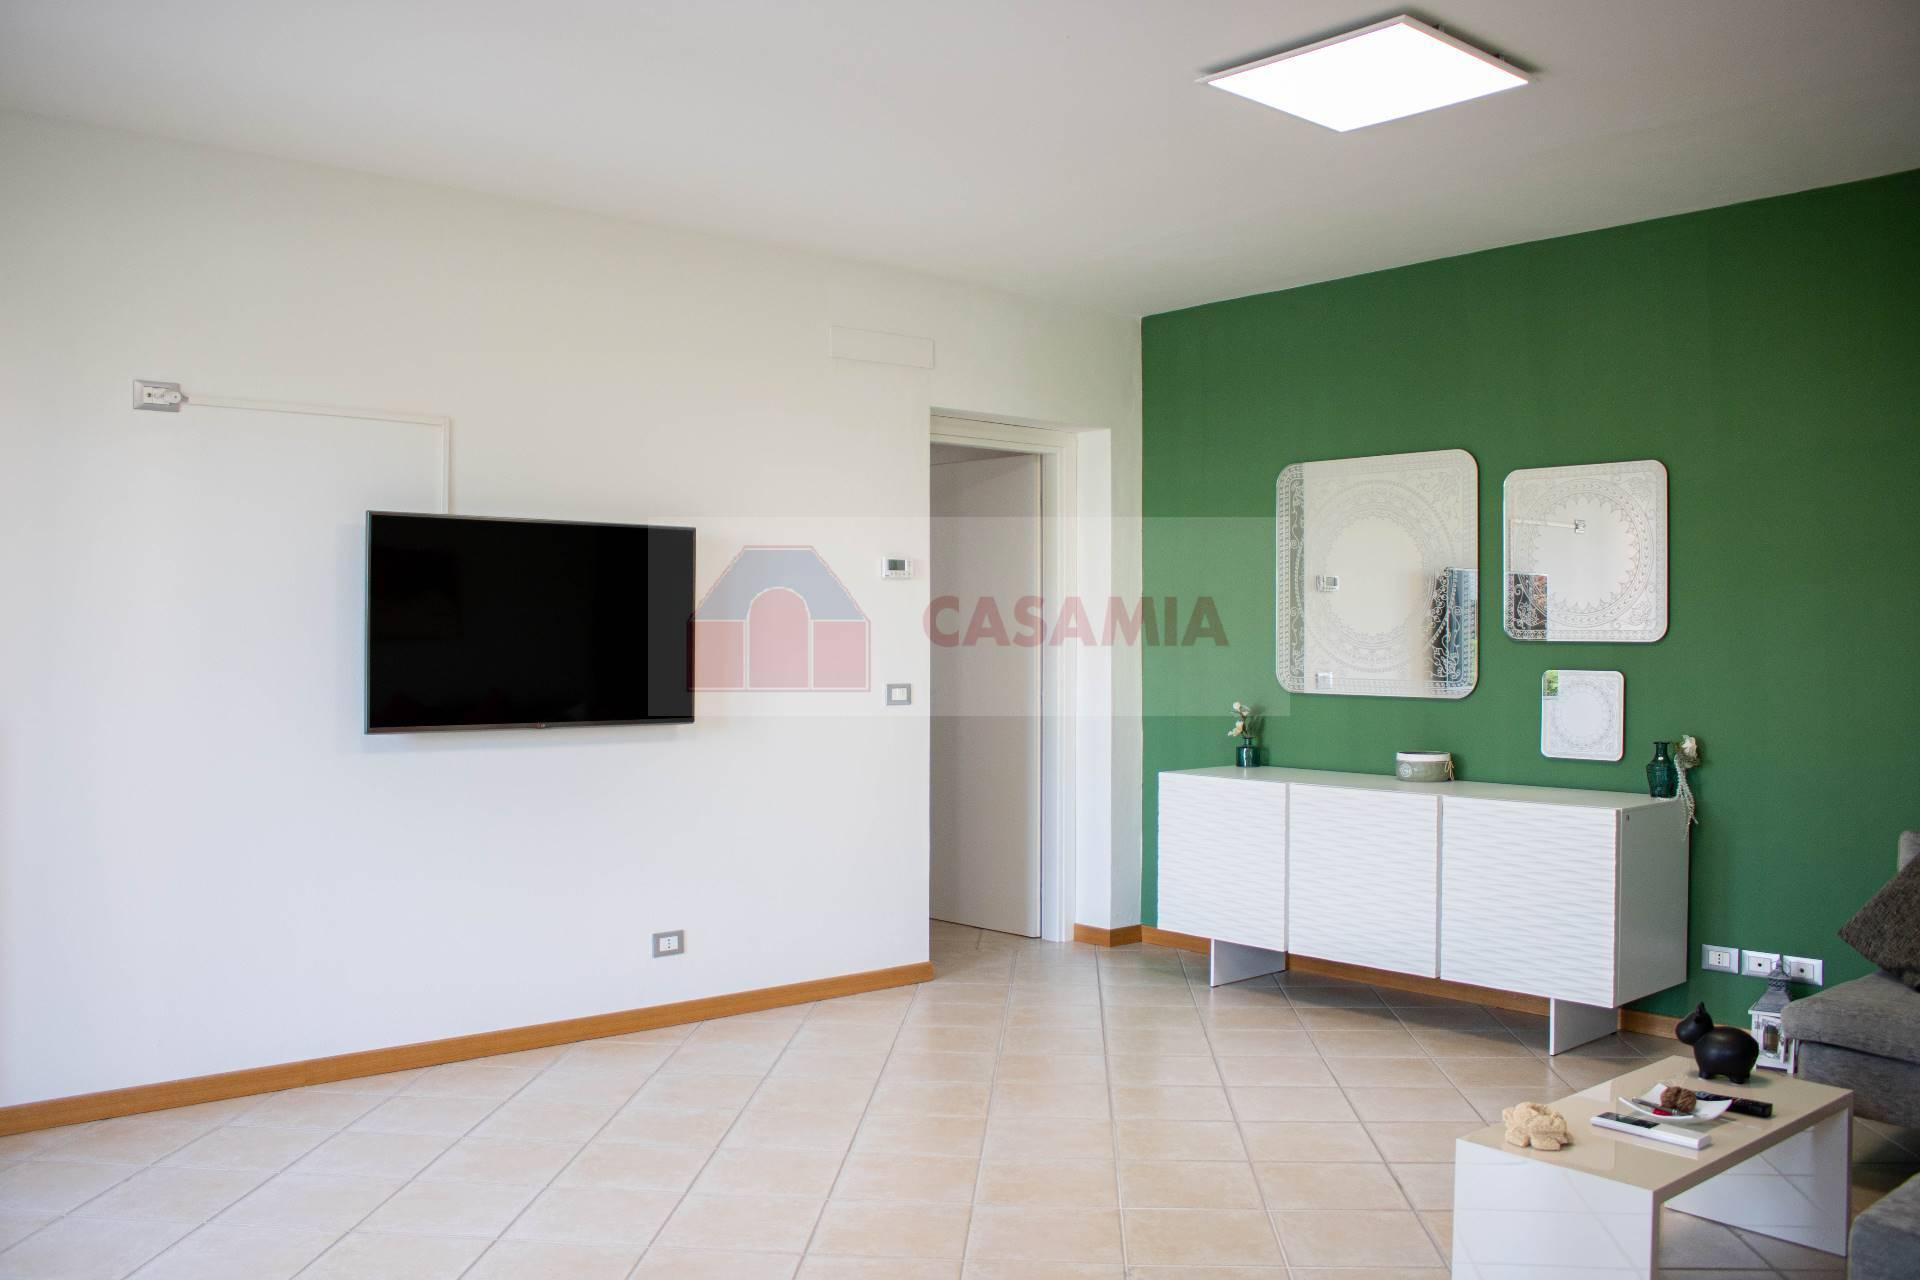 Appartamento in vendita a Oderzo, 5 locali, zona Località: Spinè, prezzo € 210.000 | CambioCasa.it